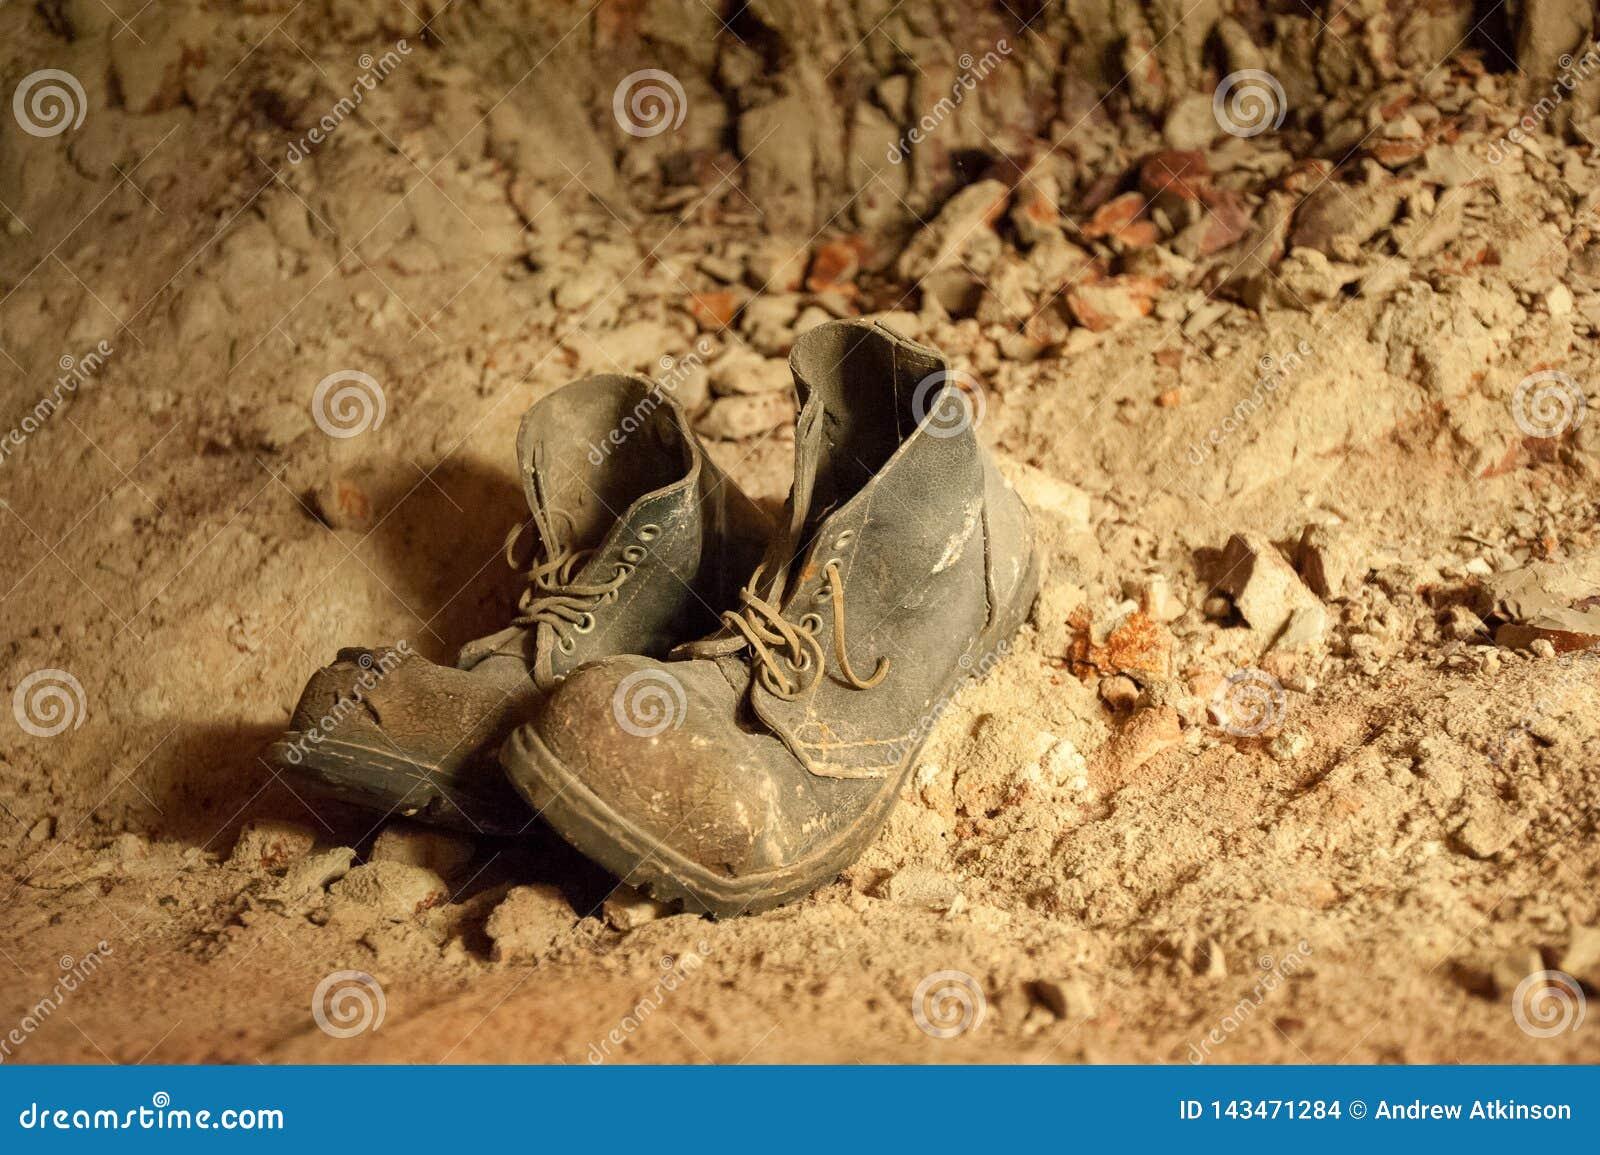 Viejos pares de botas desechadas con los cordones